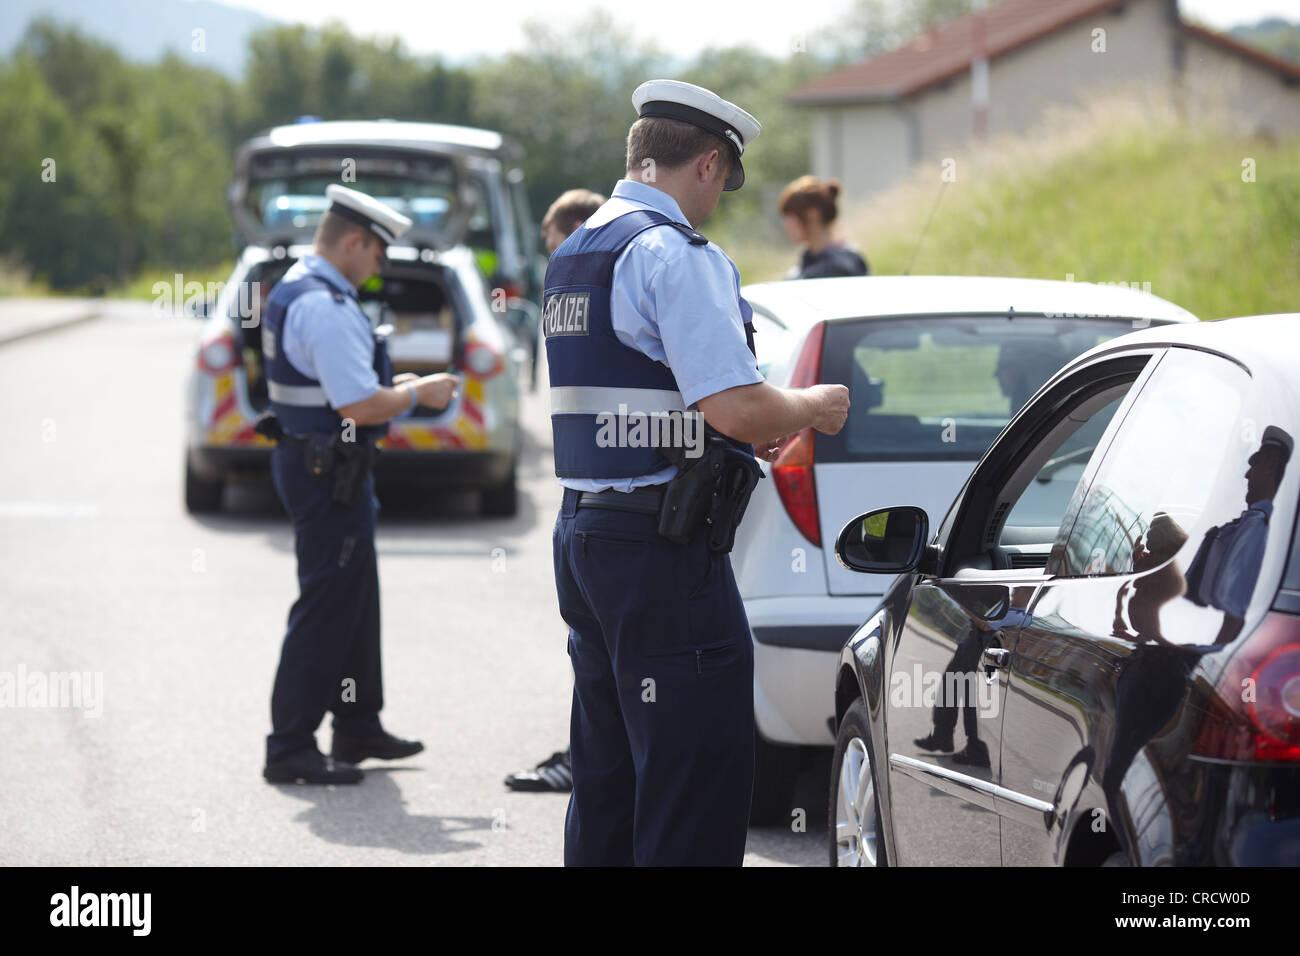 Polizei zu einem Verkehrsunfall tun zu stoppen, Koblenz, Rheinland-Pfalz, Deutschland, Europa Stockbild